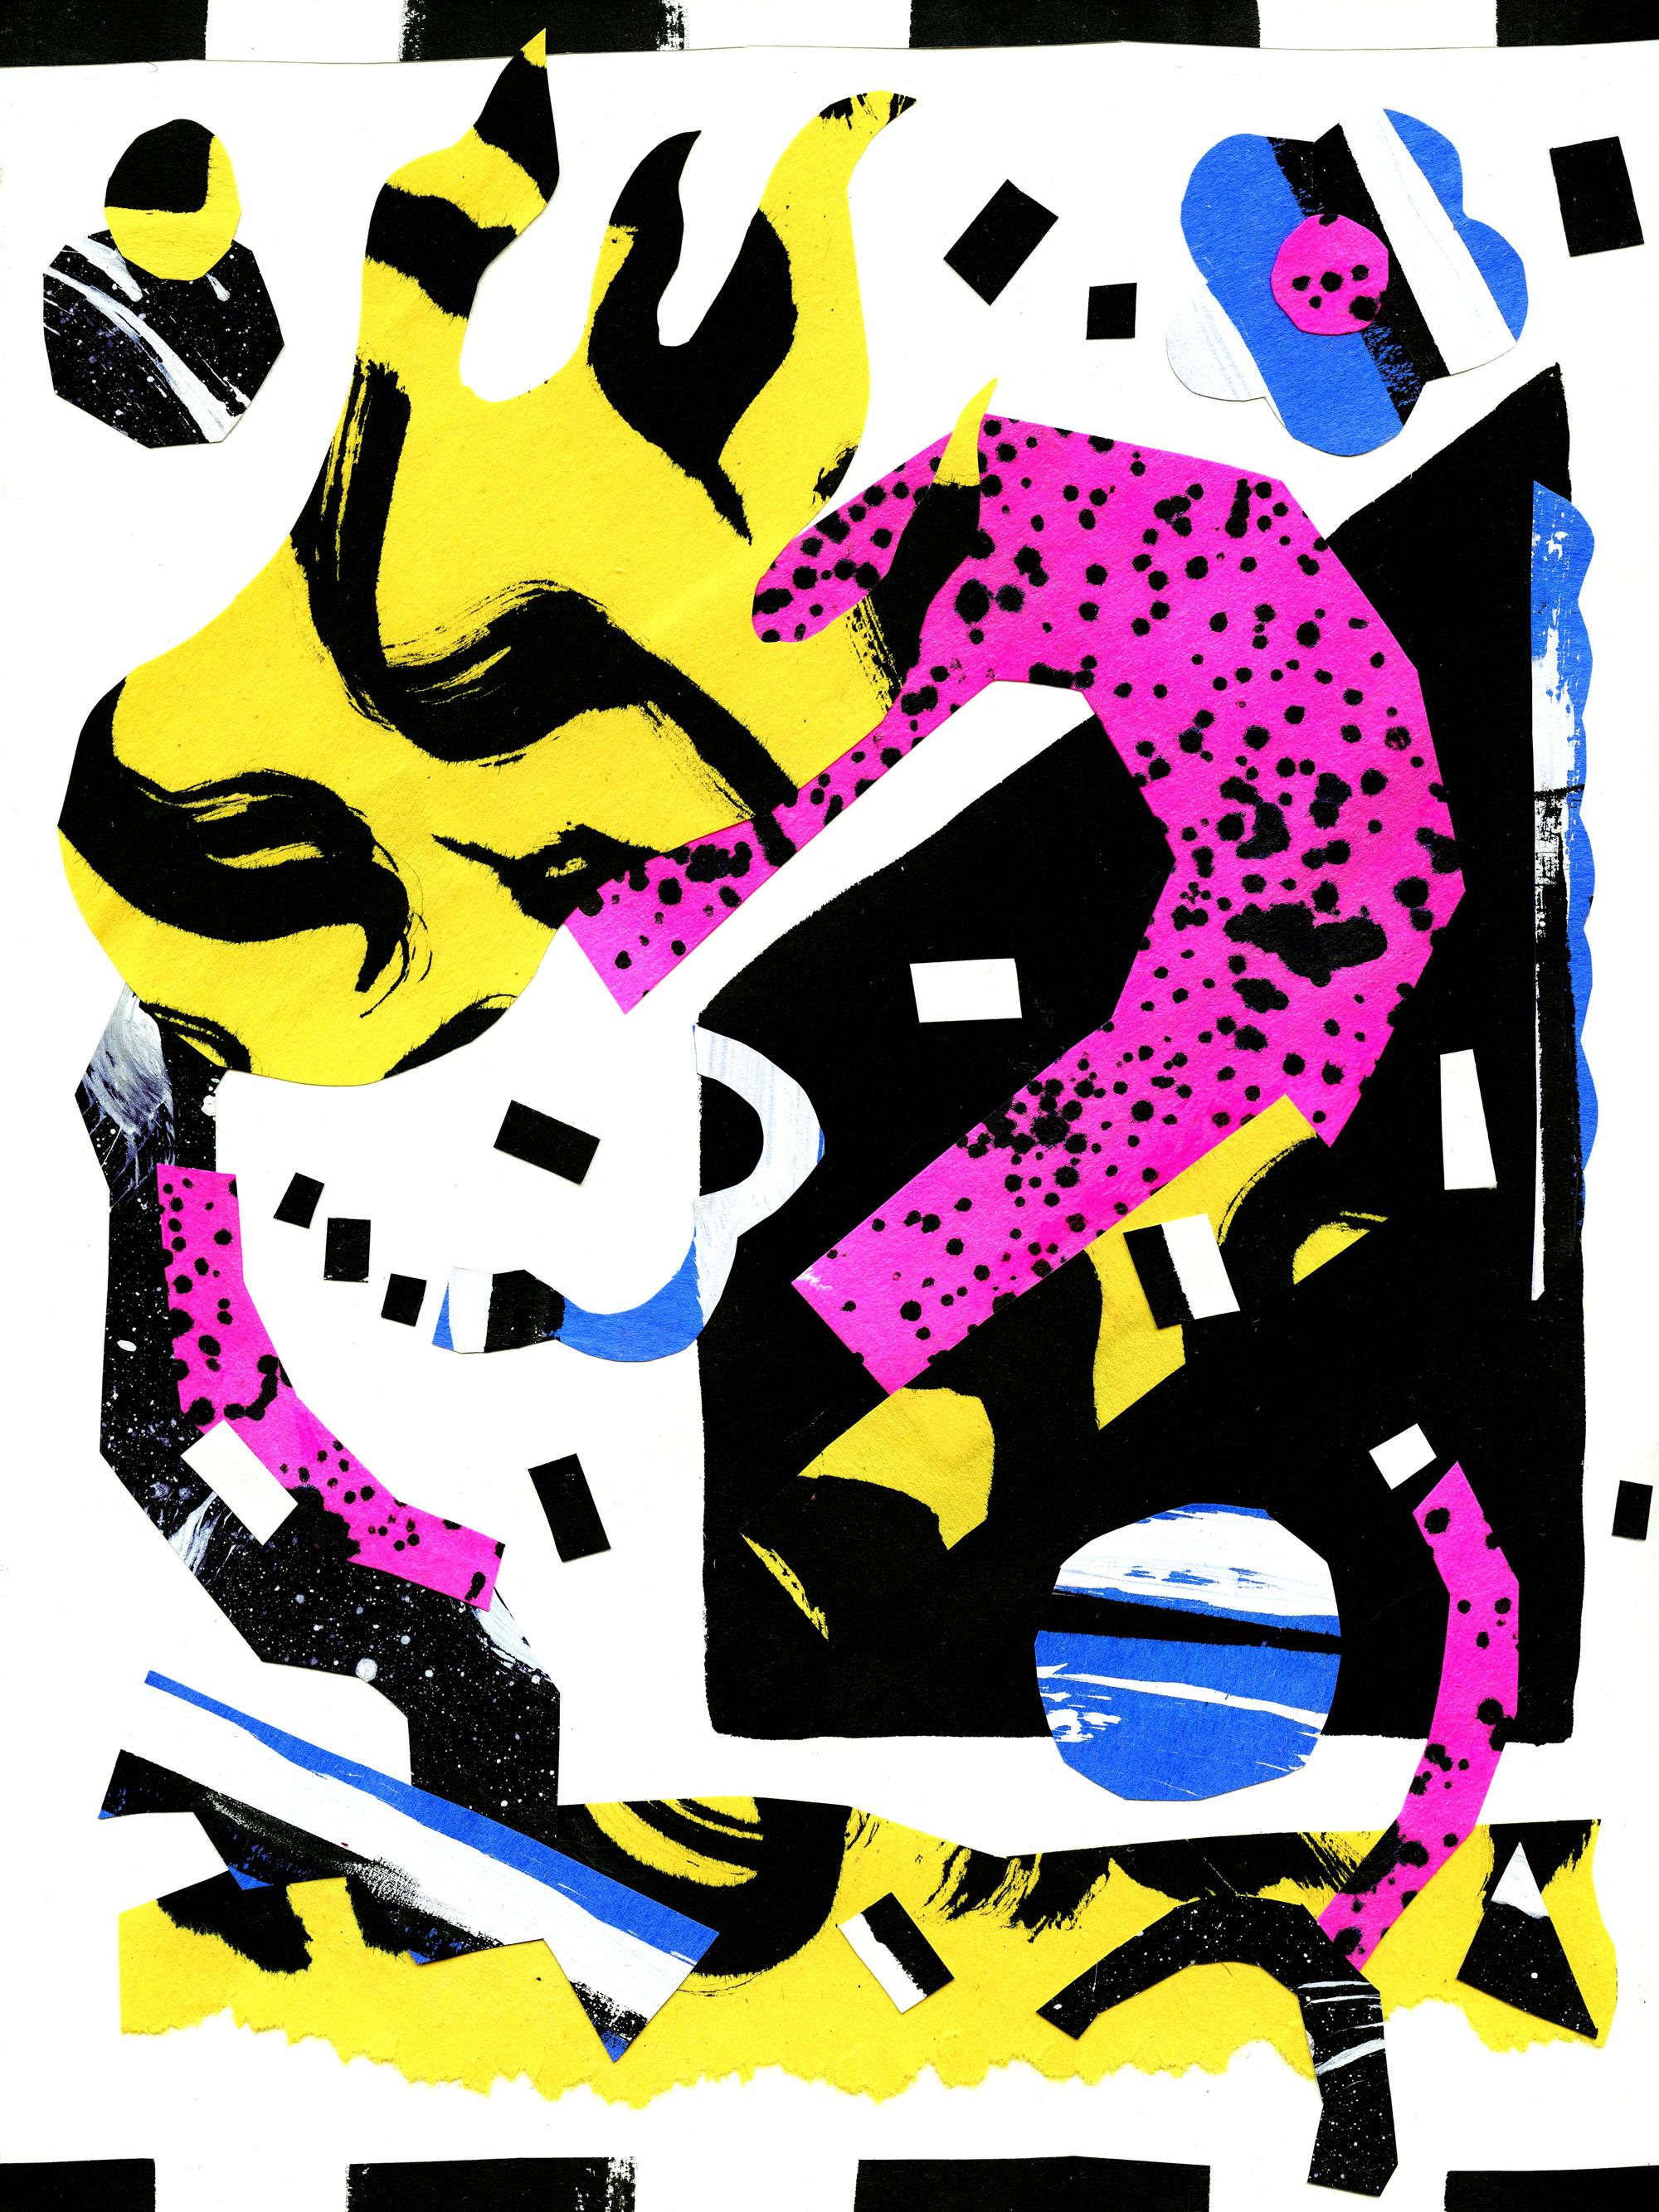 club_heat_poster_18x24_6.jpg